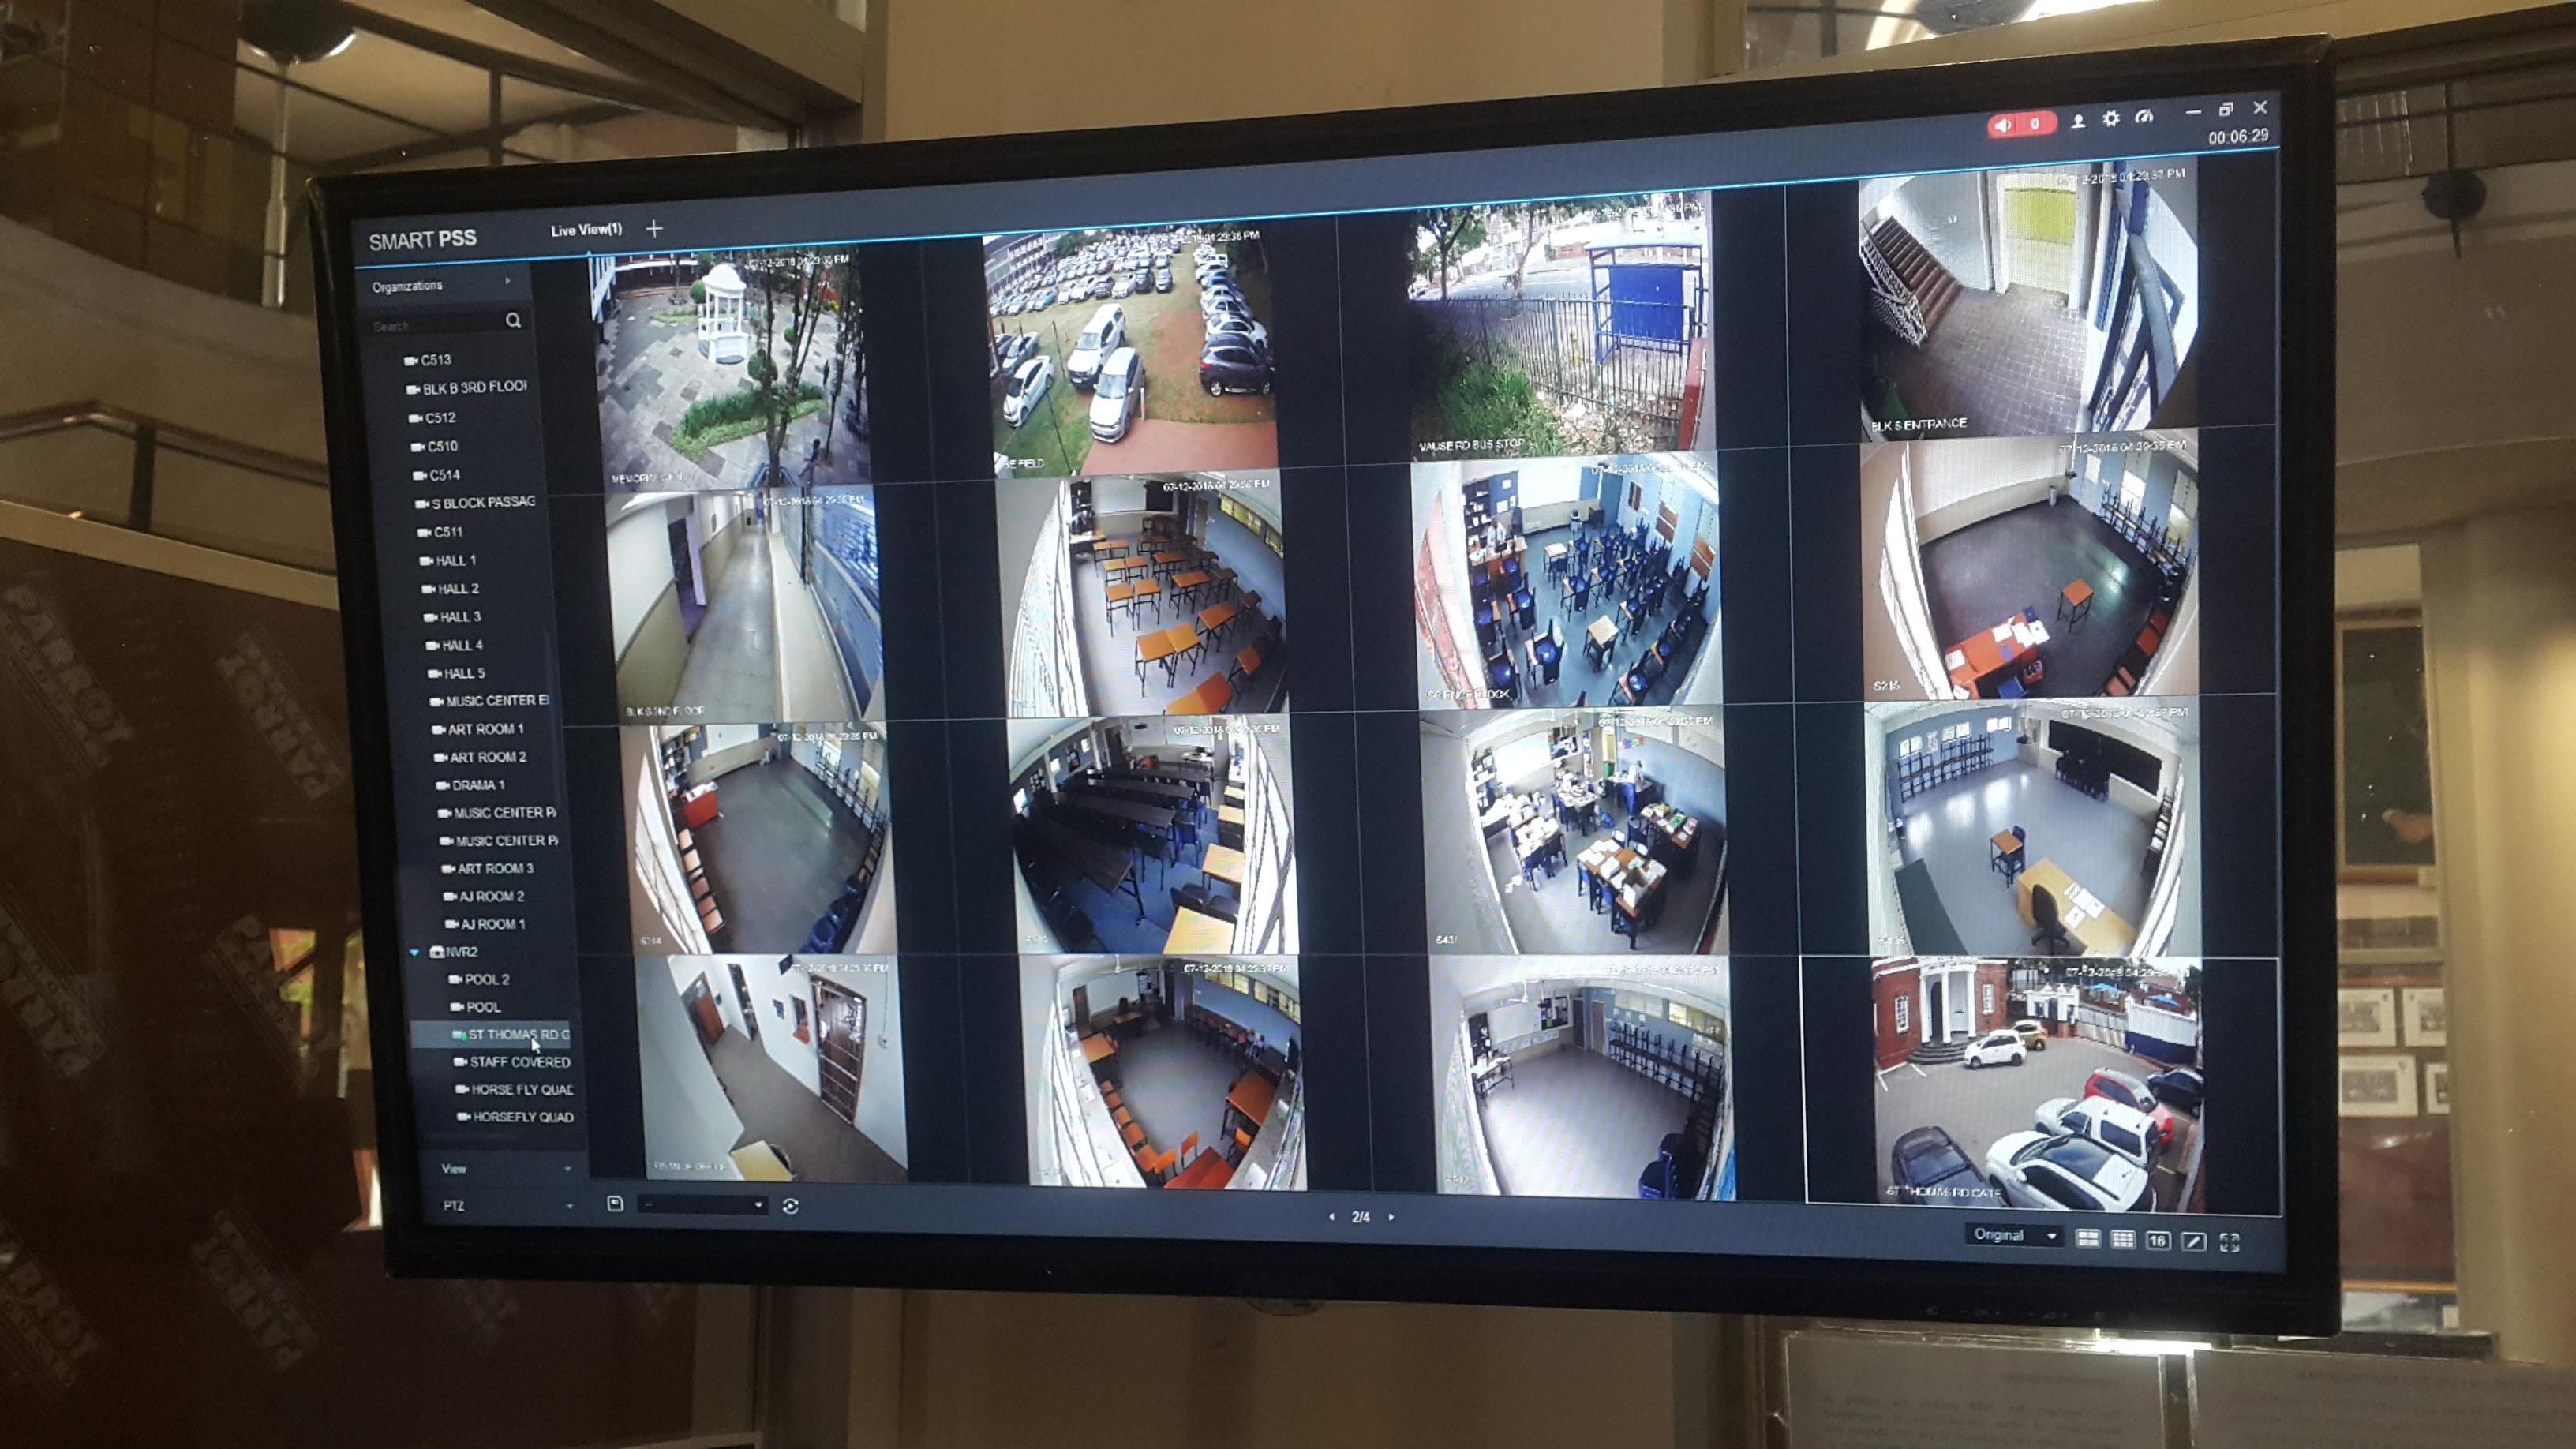 The CCTV cameras